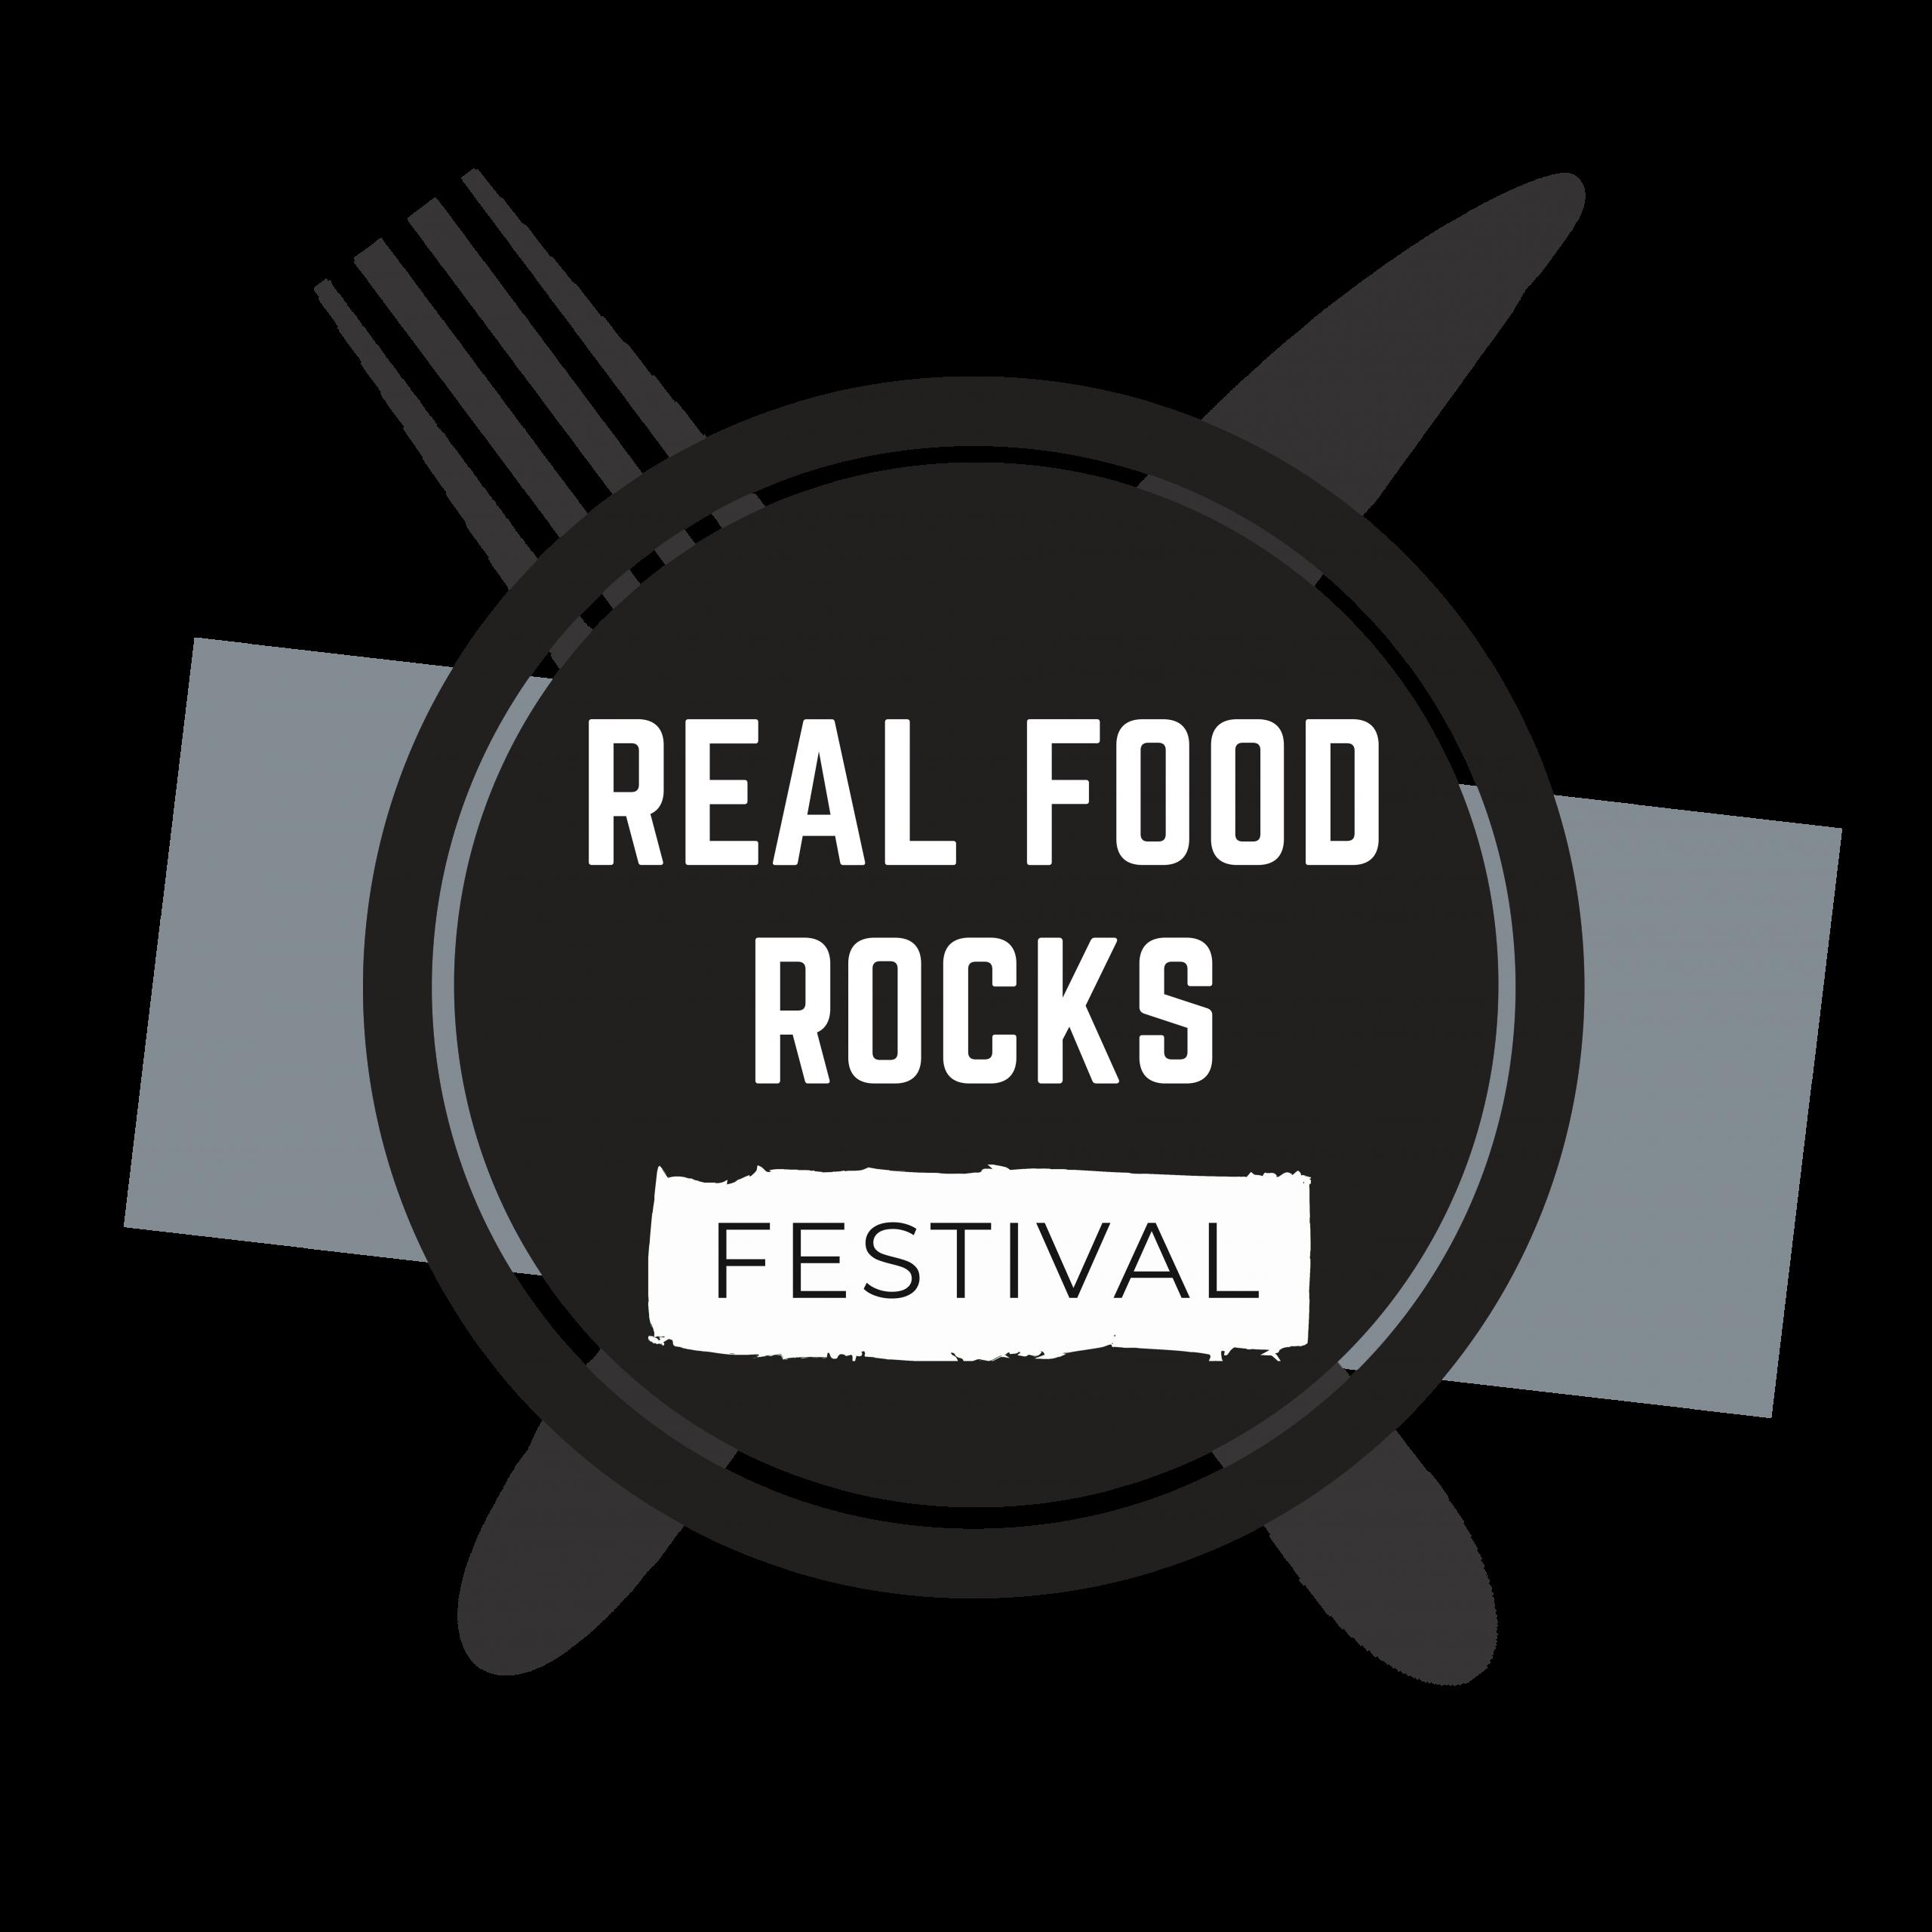 Real Food Rocks